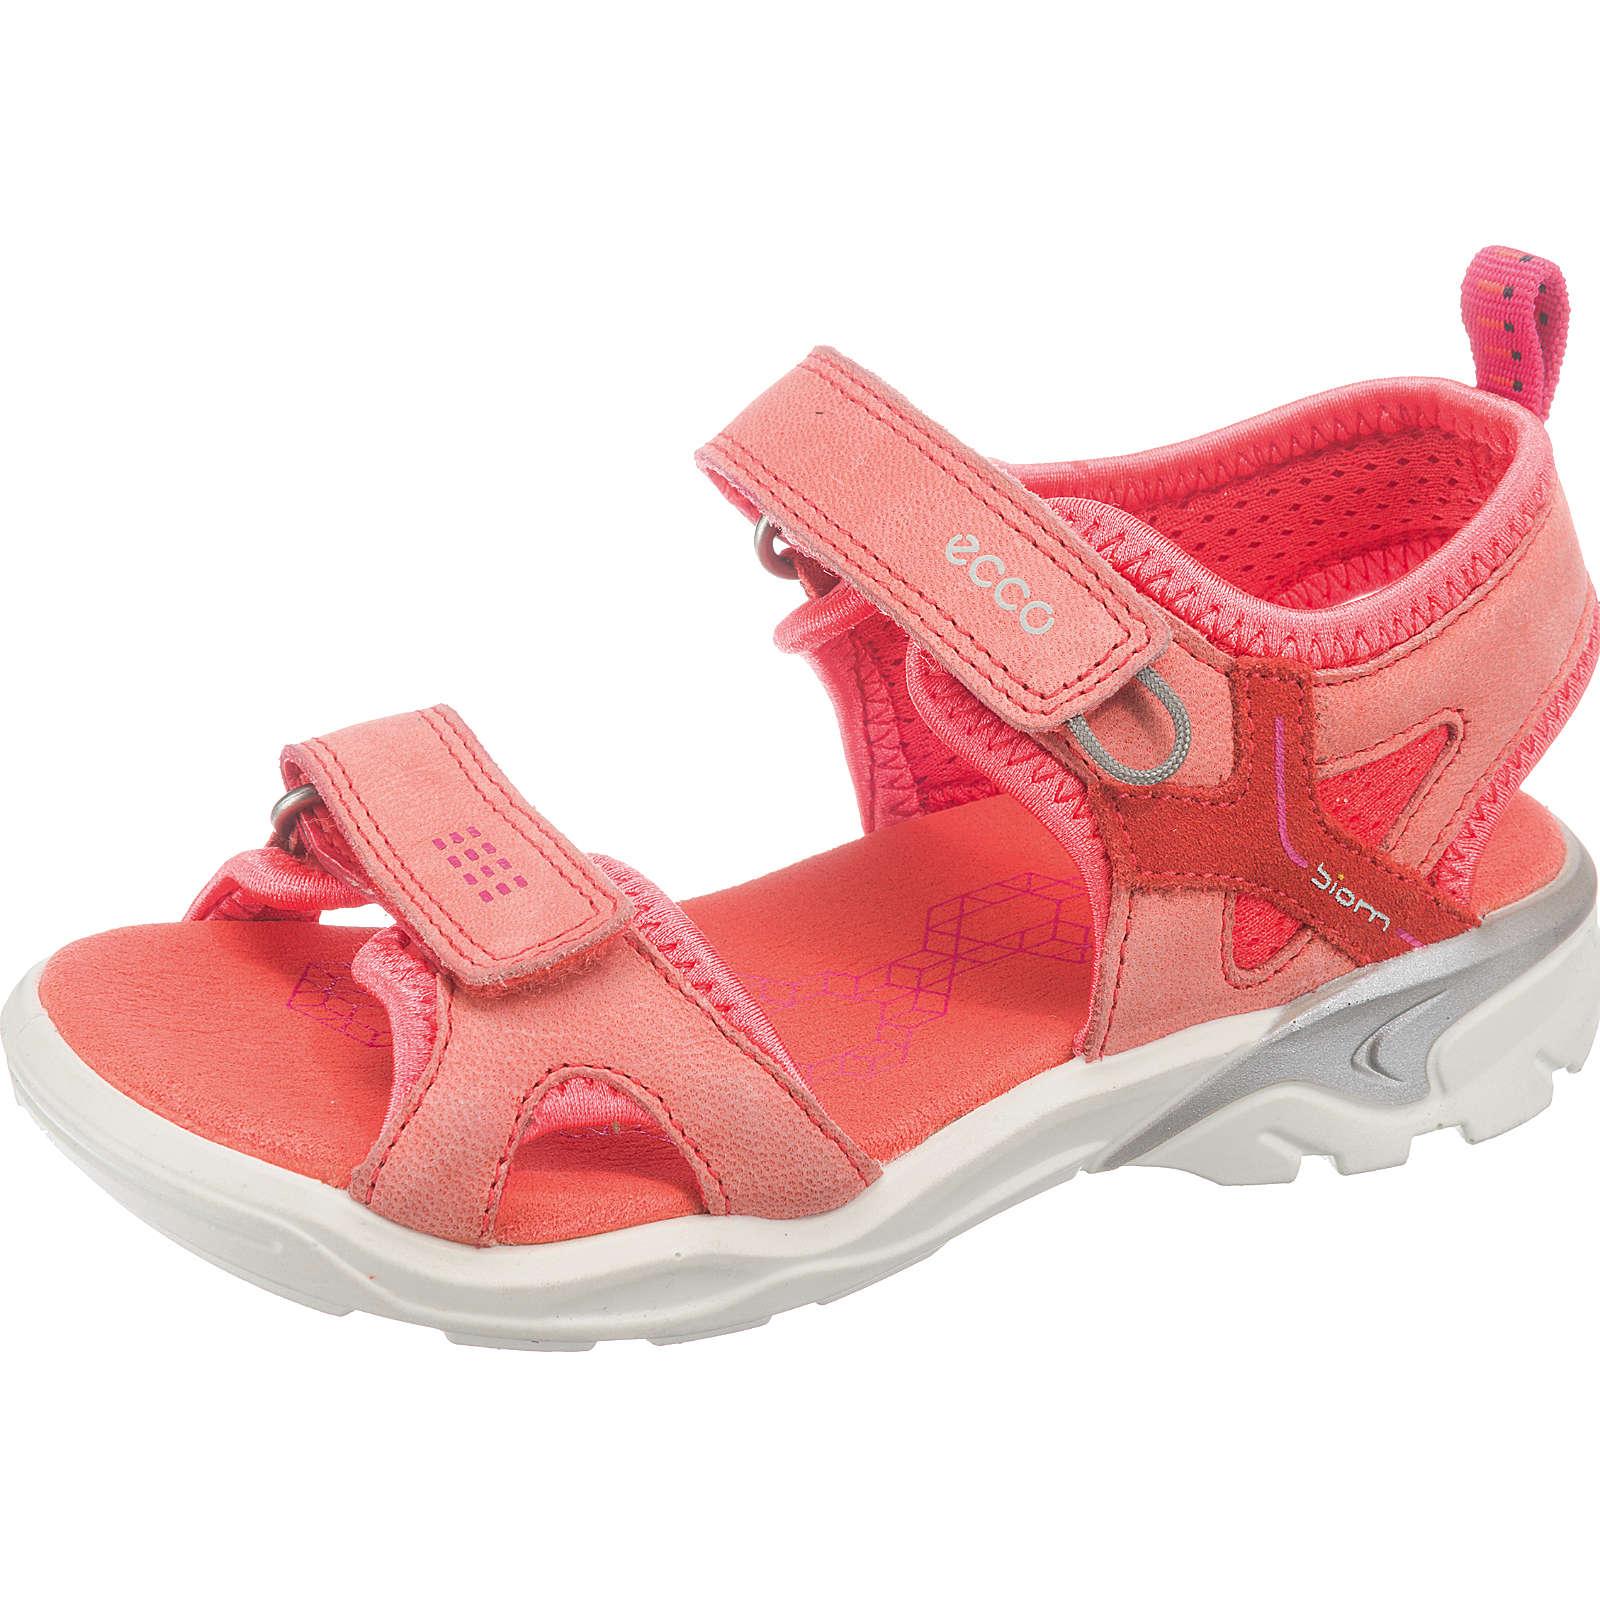 ecco Sandalen BIOM für Mädchen koralle Mädchen Gr. 34